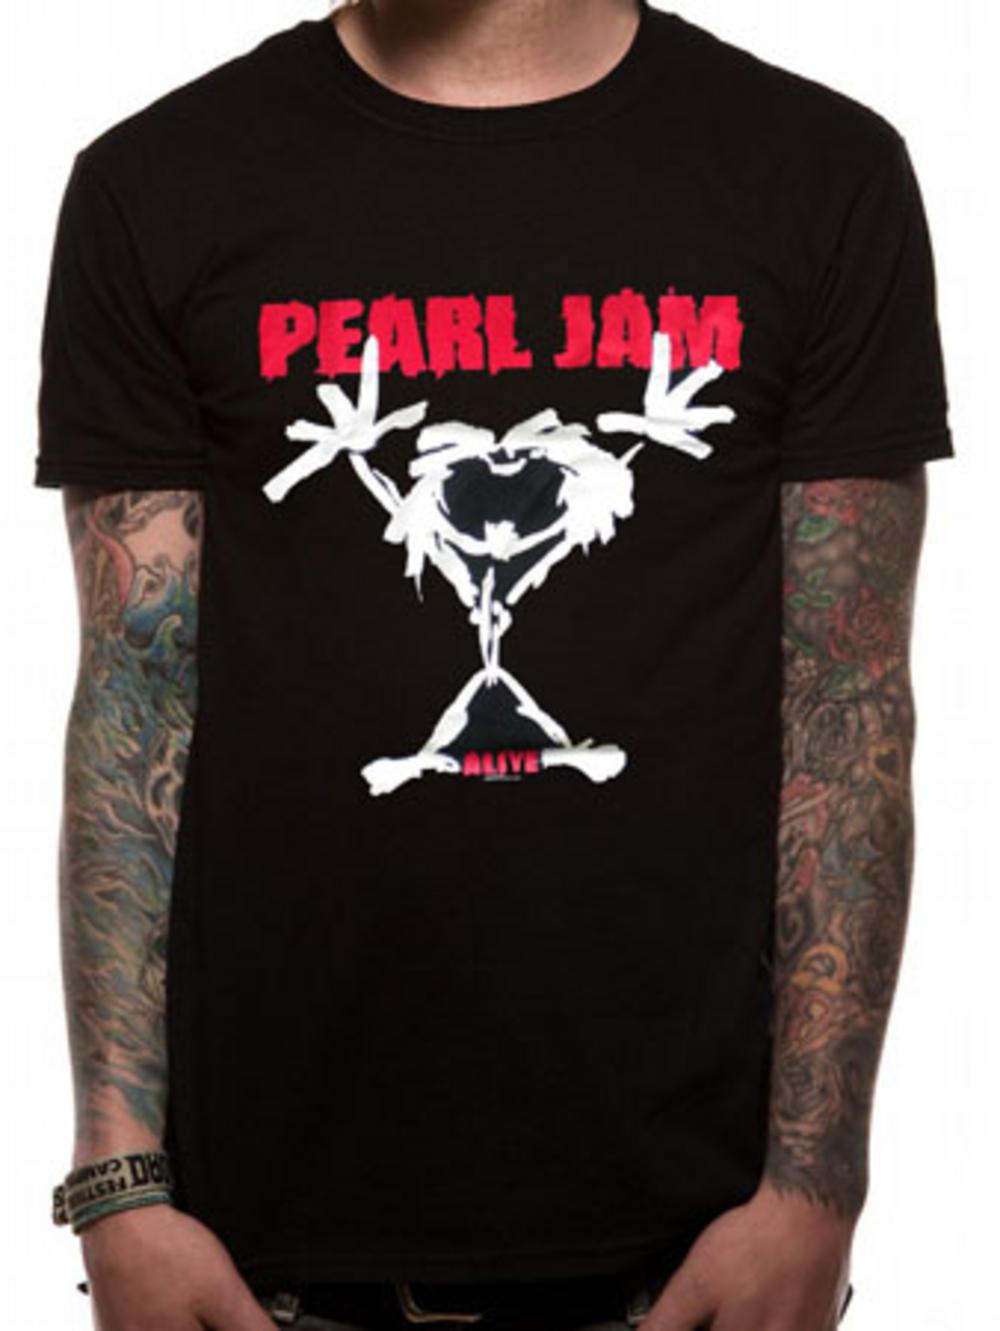 Pearl jam stick man t shirt tm shop for Atm t shirt sale